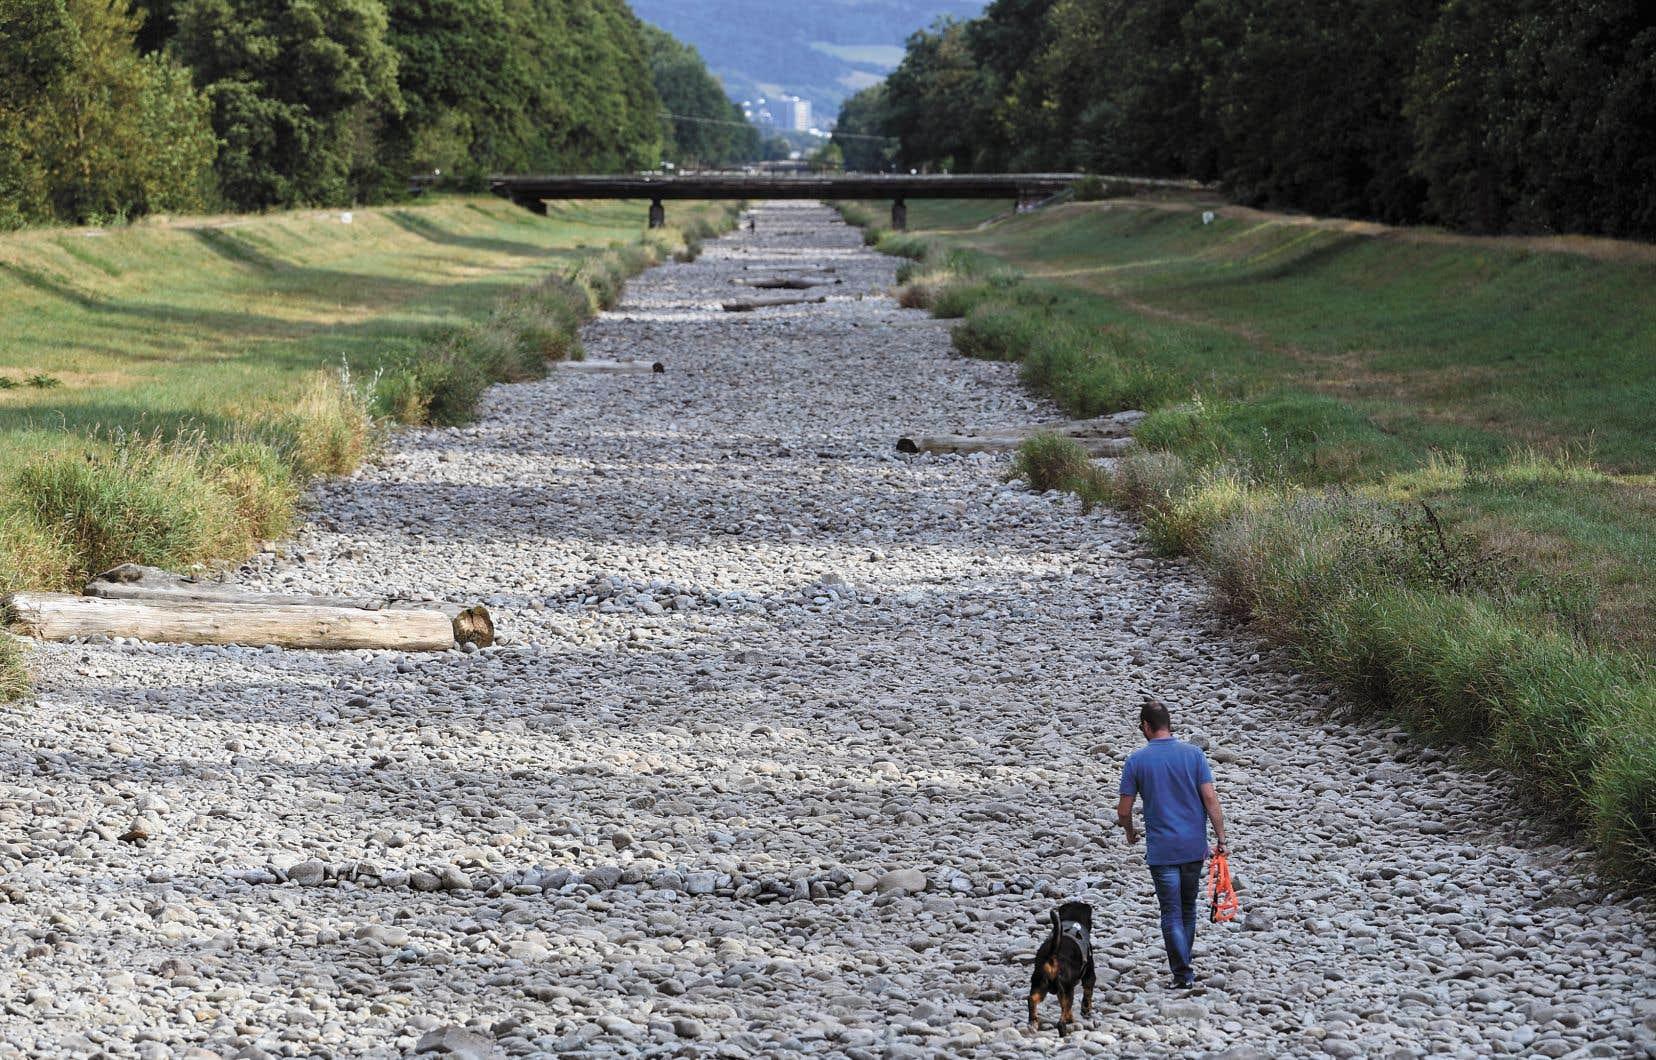 Un Allemand promenait son chien sur le lit asséché de la rivière Dreisam dans le village de March, près de Fribourg, au mois d'août.